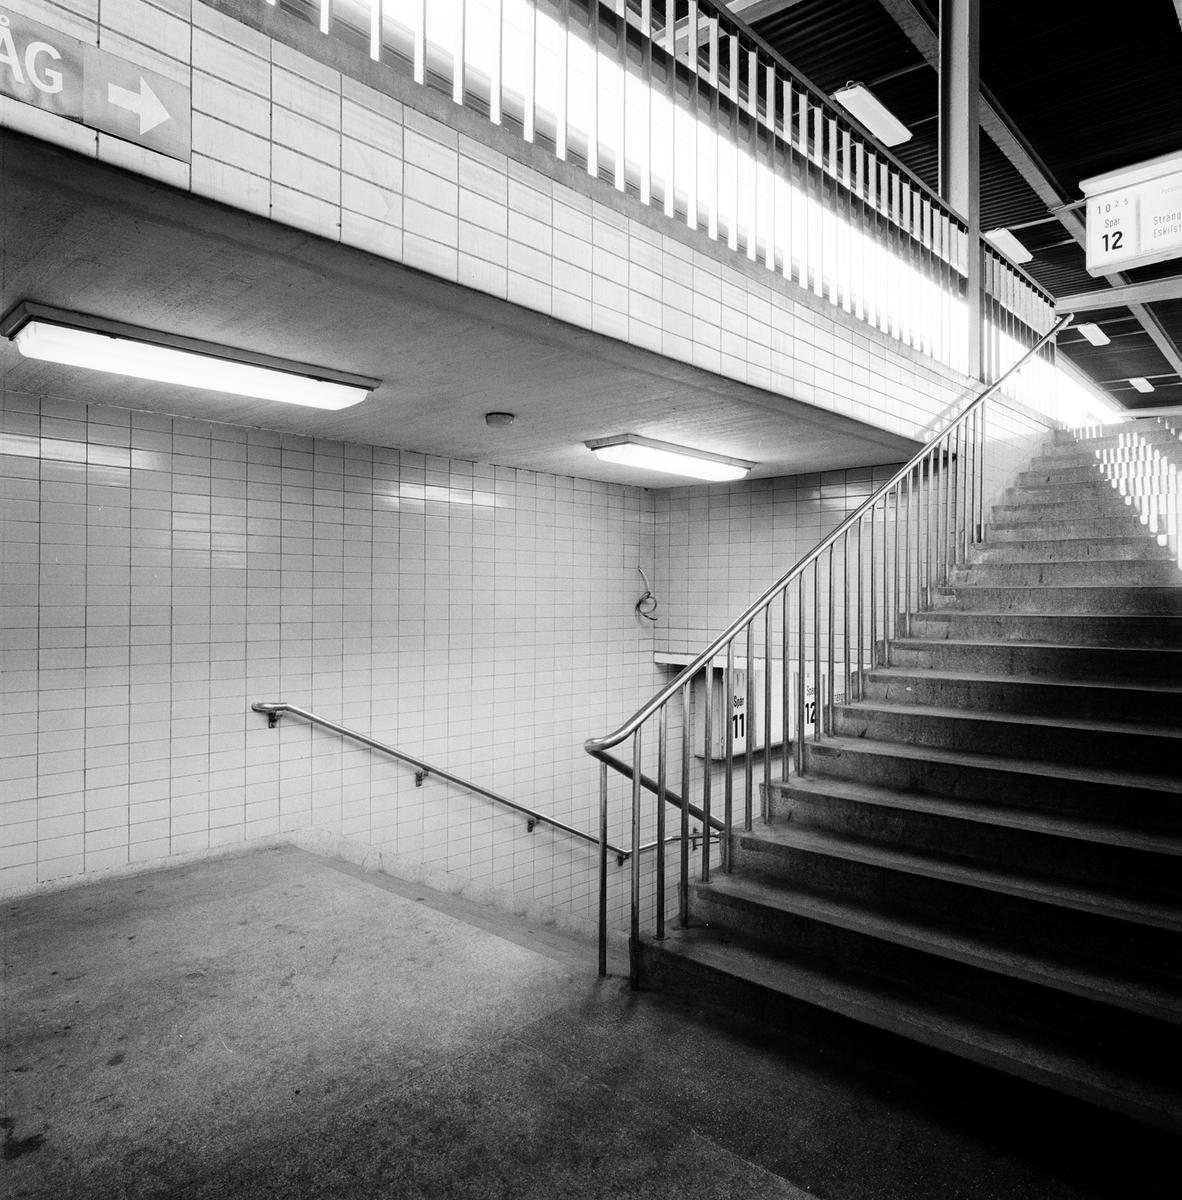 Rostfria trappräcken, uppgång spår 11 och 12.